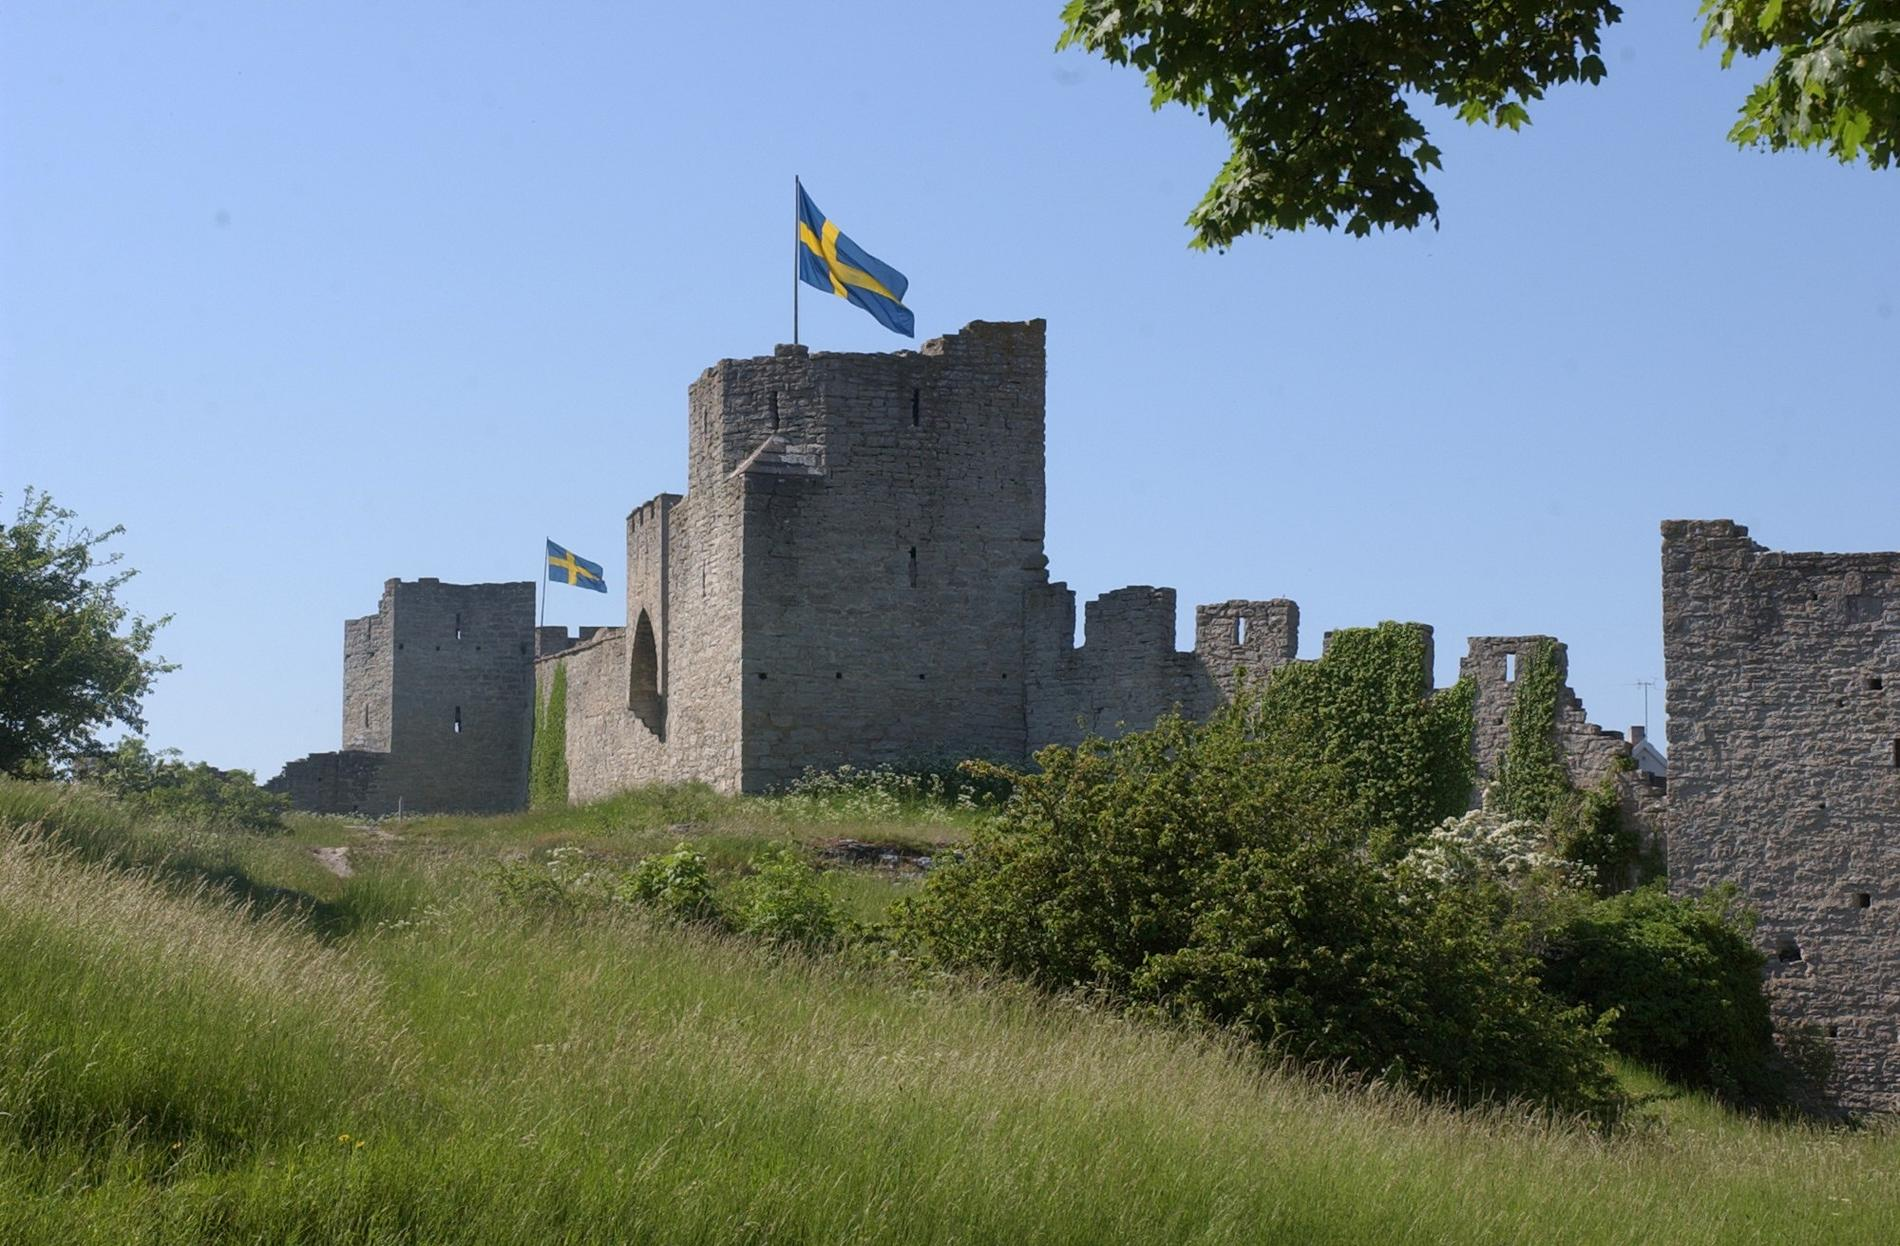 När forskare undersökt kryssningsturisters rörelsemönster på Gotland var ringmuren en av de populäraste platserna att besöka. Arkivbild.